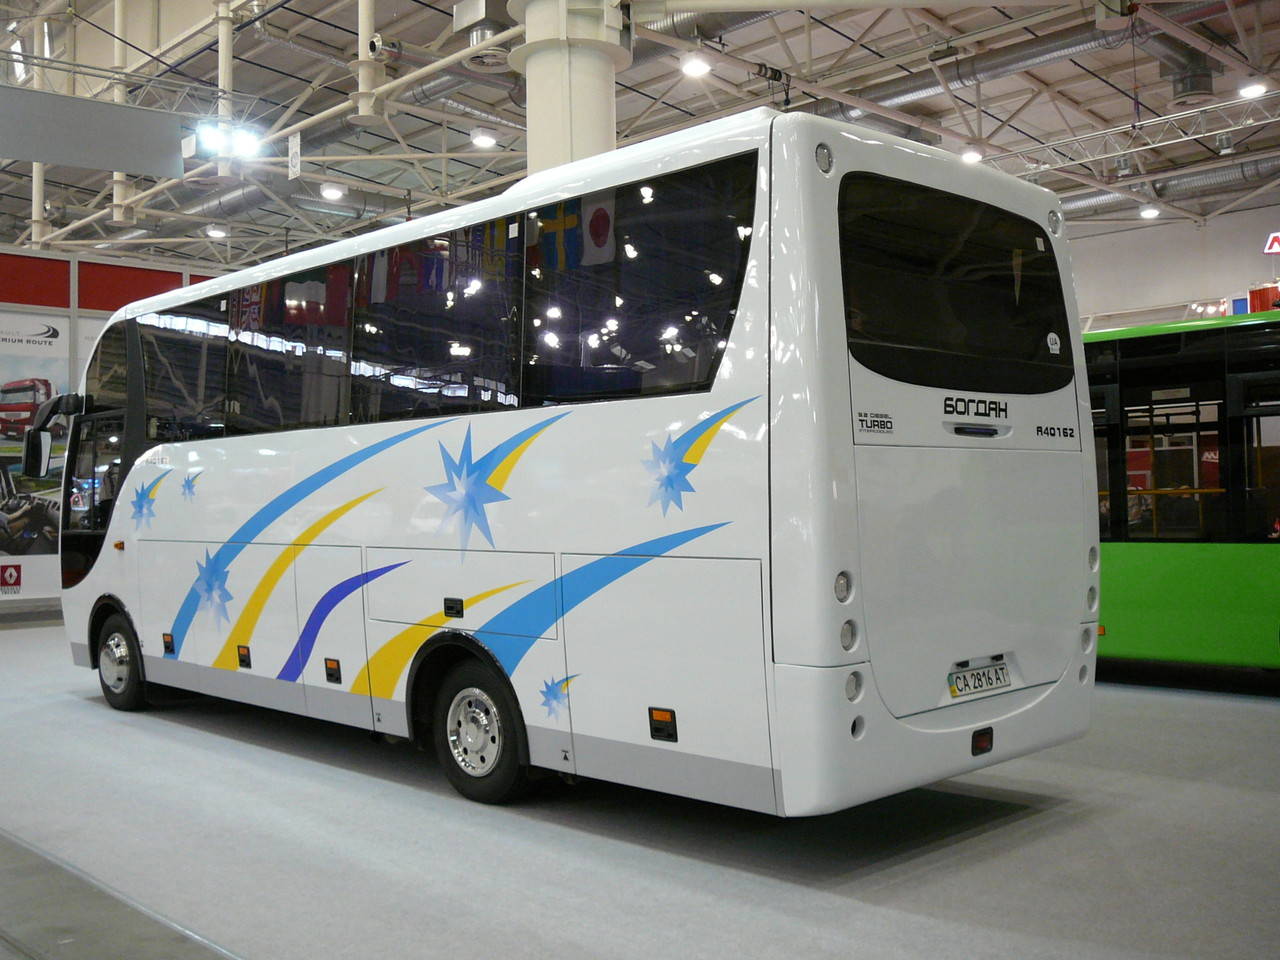 Высота багажных отсеков для такого небольшого автобуса впечатляет